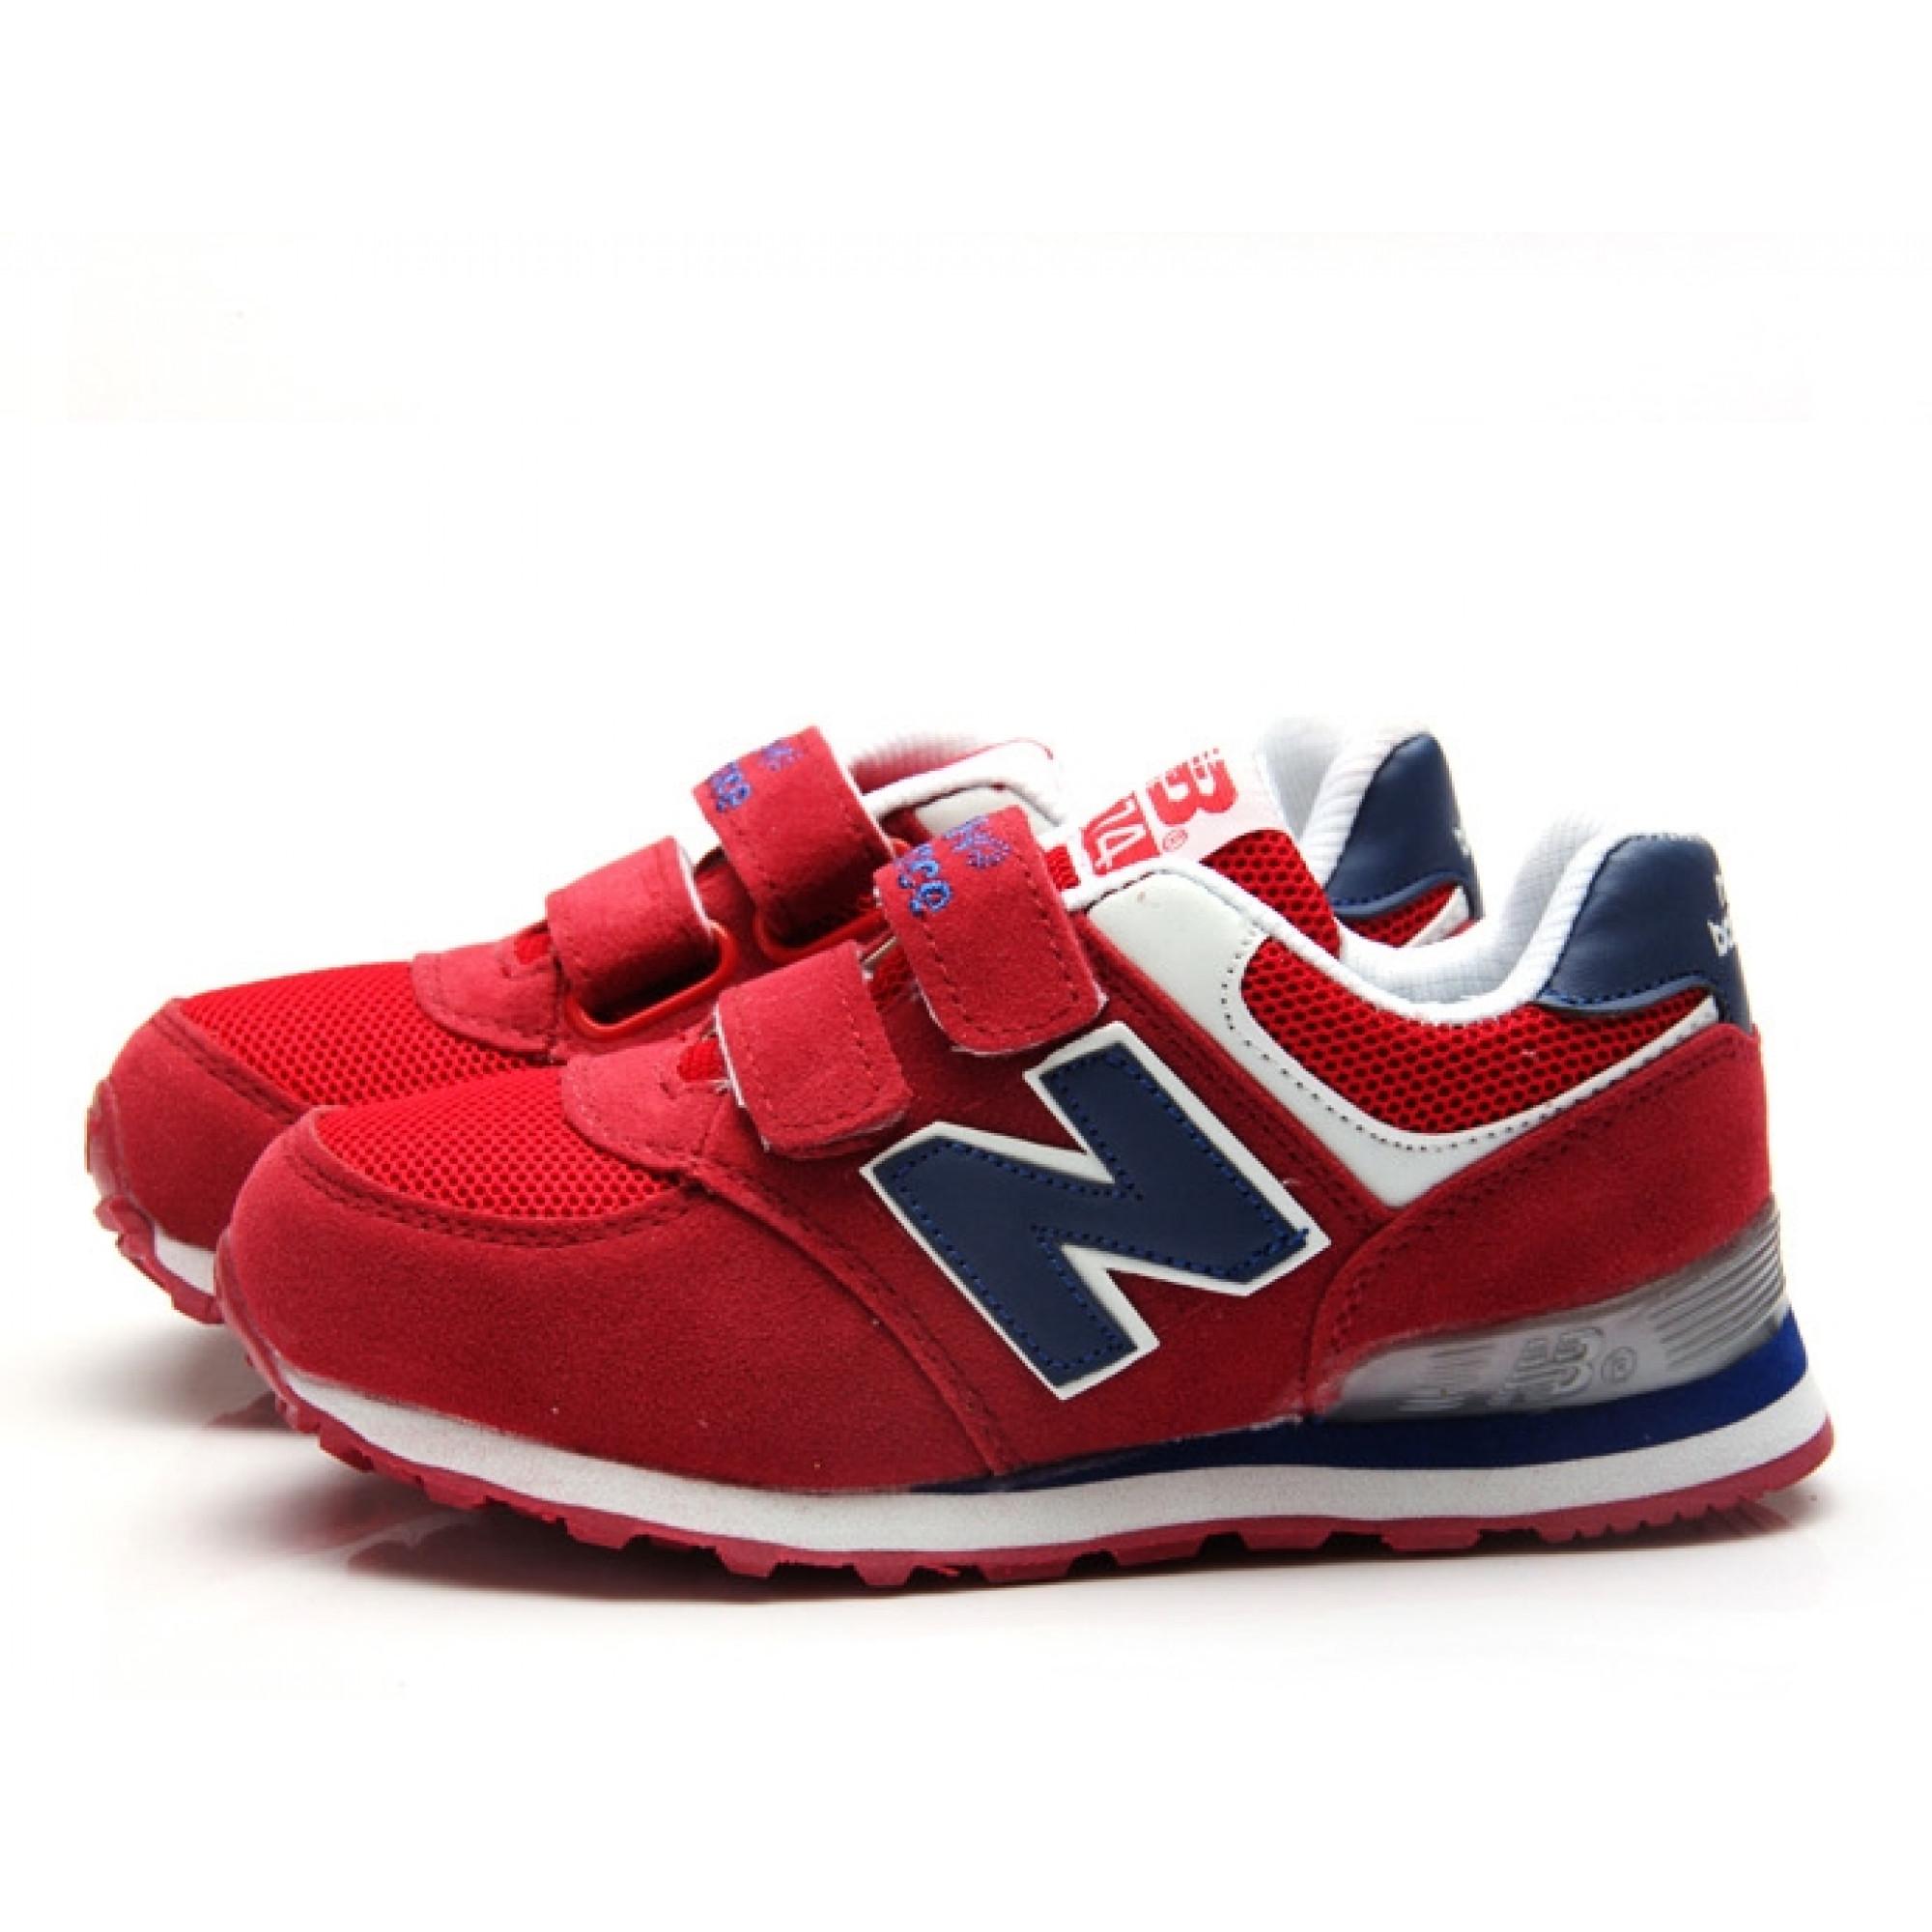 680476e98330 Купить детские красные кроссовки от New Balance — в Киеве, код ...